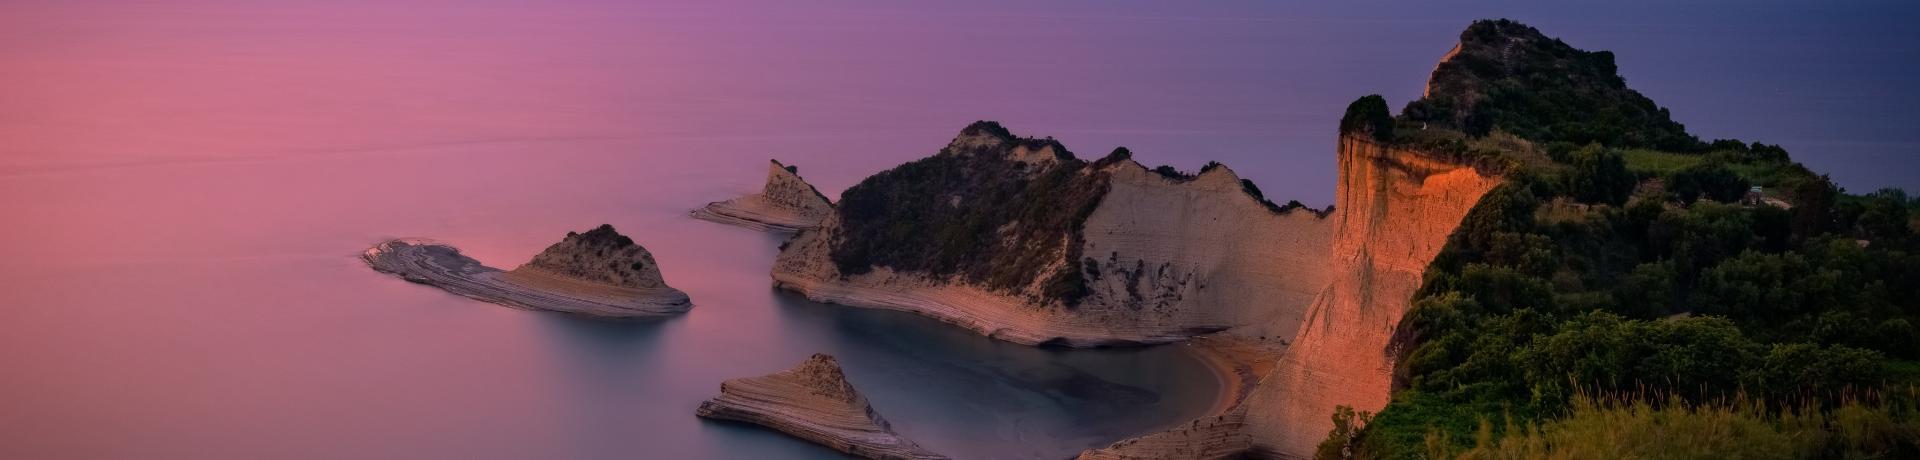 Korfu_Kap Drastis_Sonnenuntergang